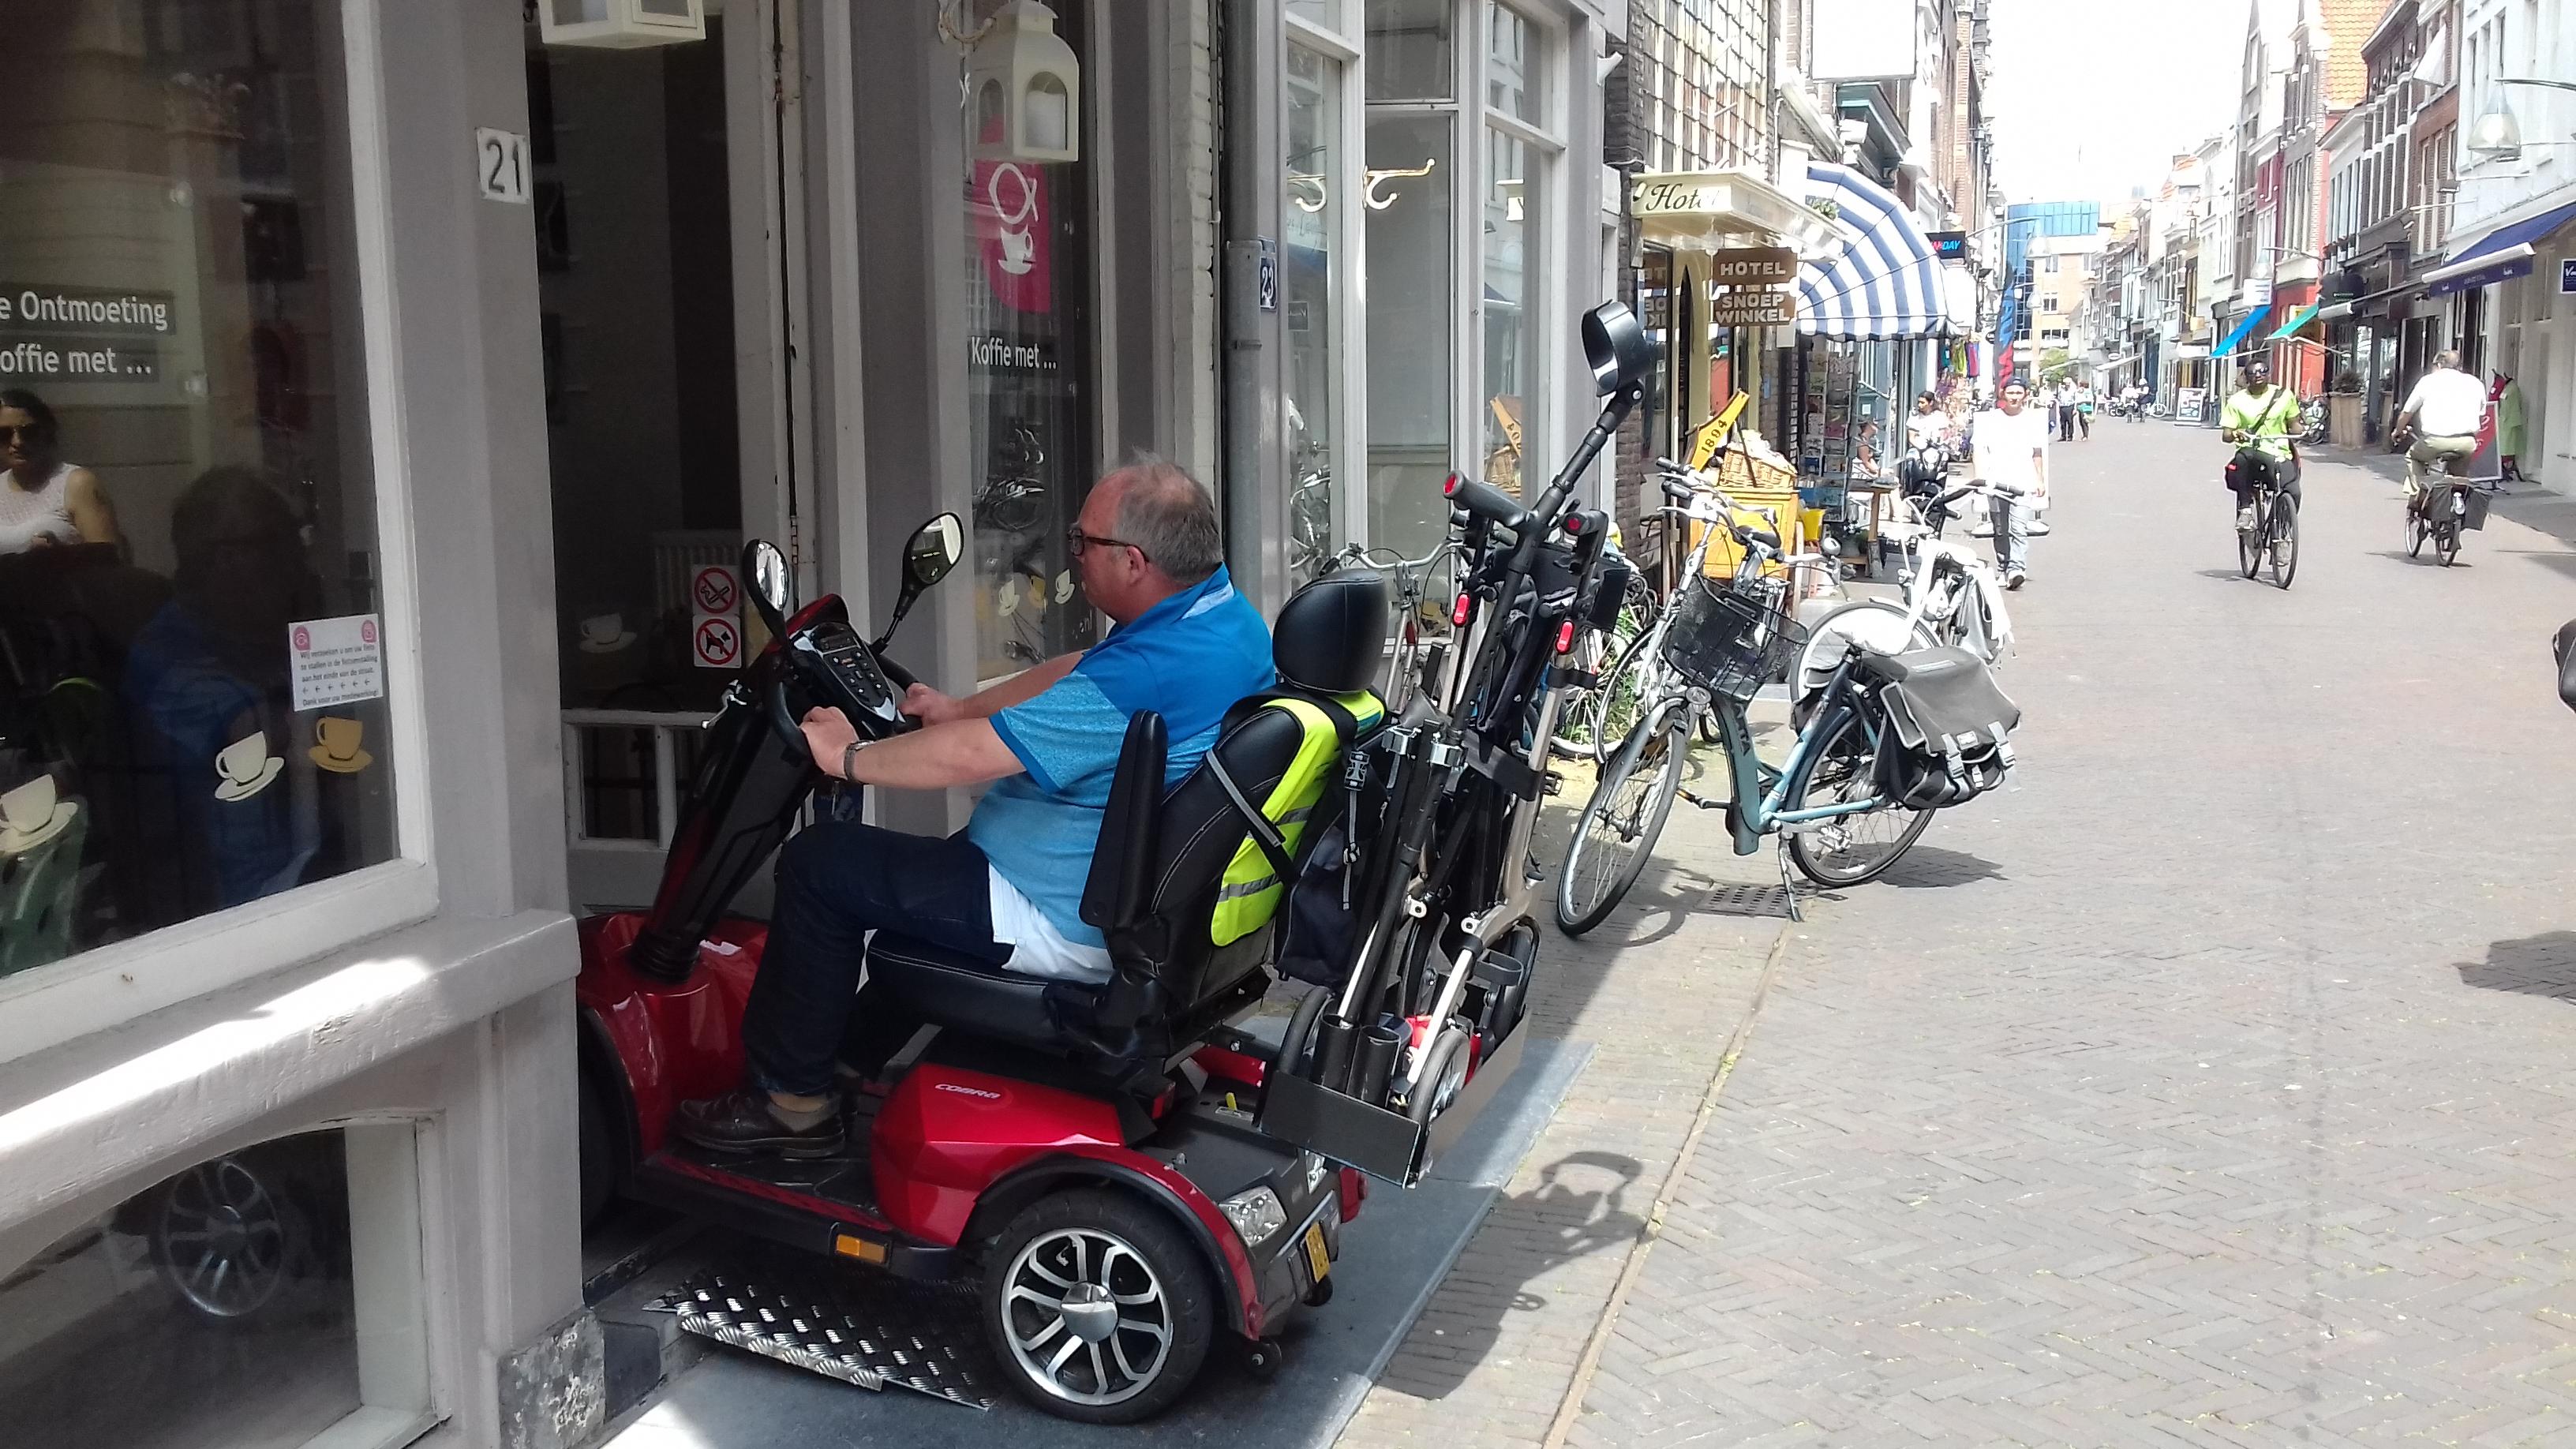 De ontmoeting is rolstoel-toegankelijk